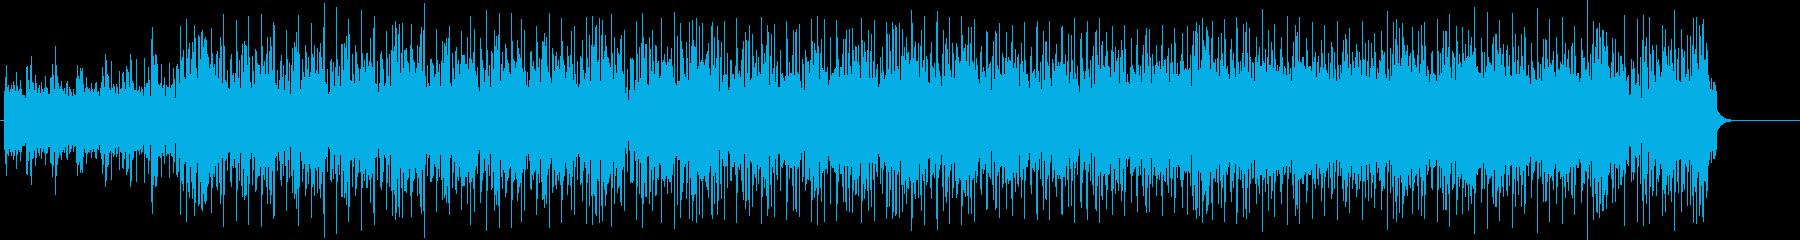 車のイメージVTR、スペック紹介BGMの再生済みの波形